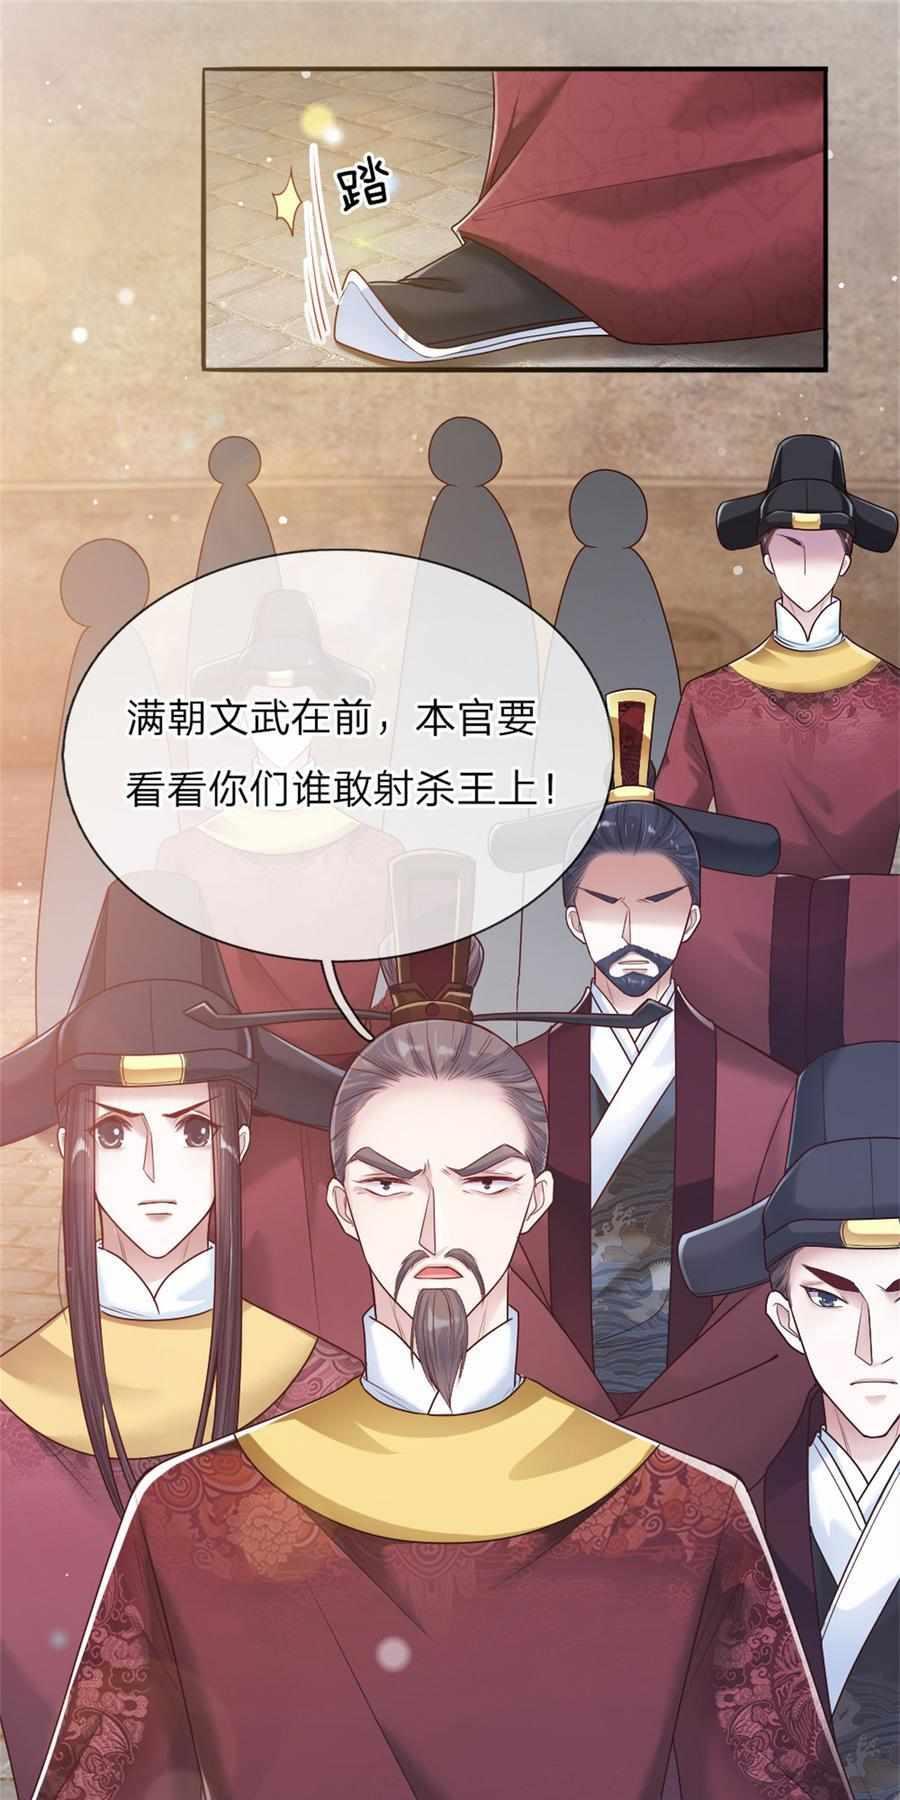 温柔暴君:摄政王爷太凶猛第37话  第36话 血祭 第 1